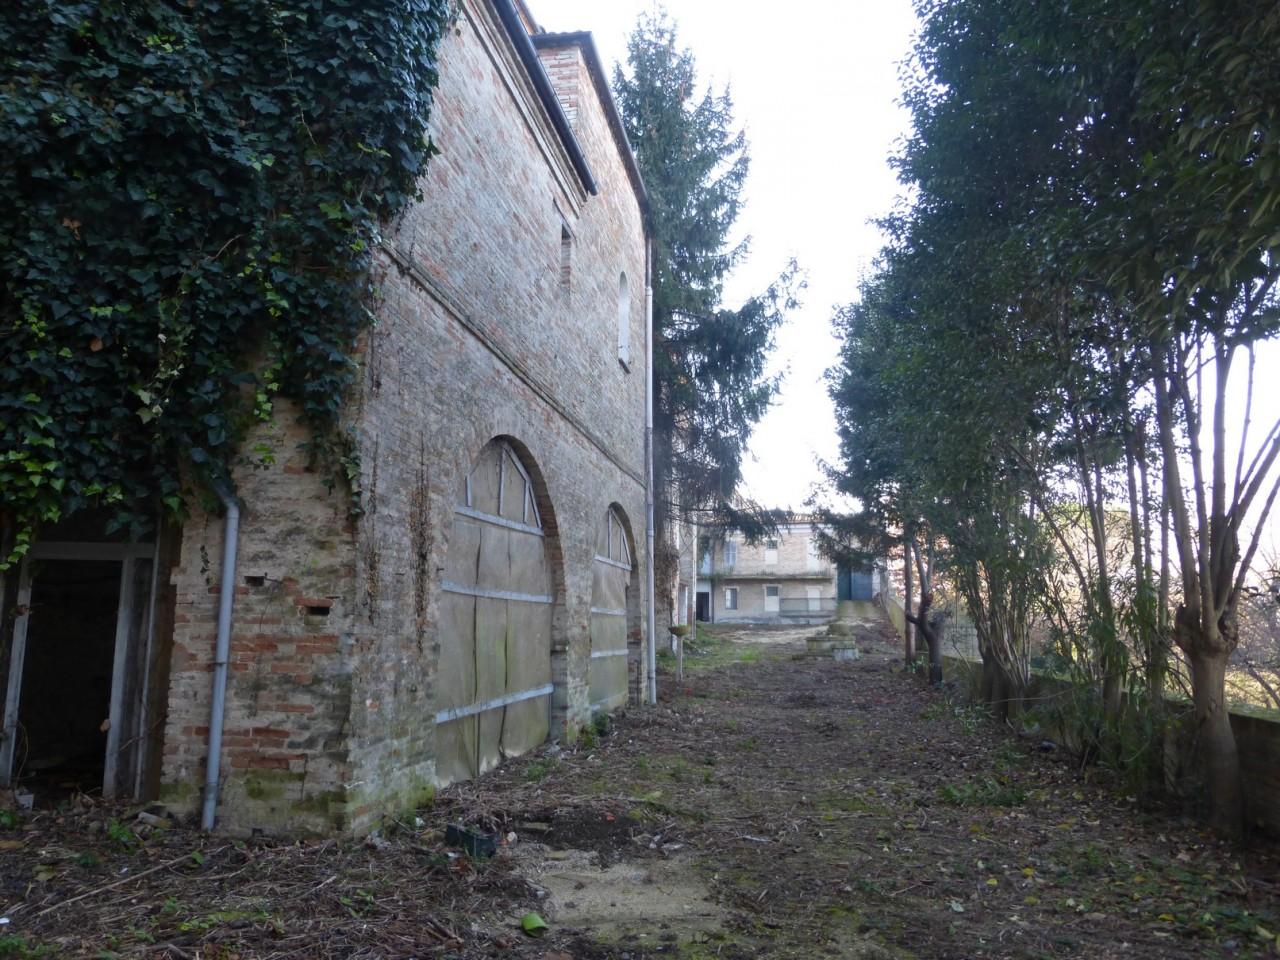 giardino monachette intermesoli macerata (7)